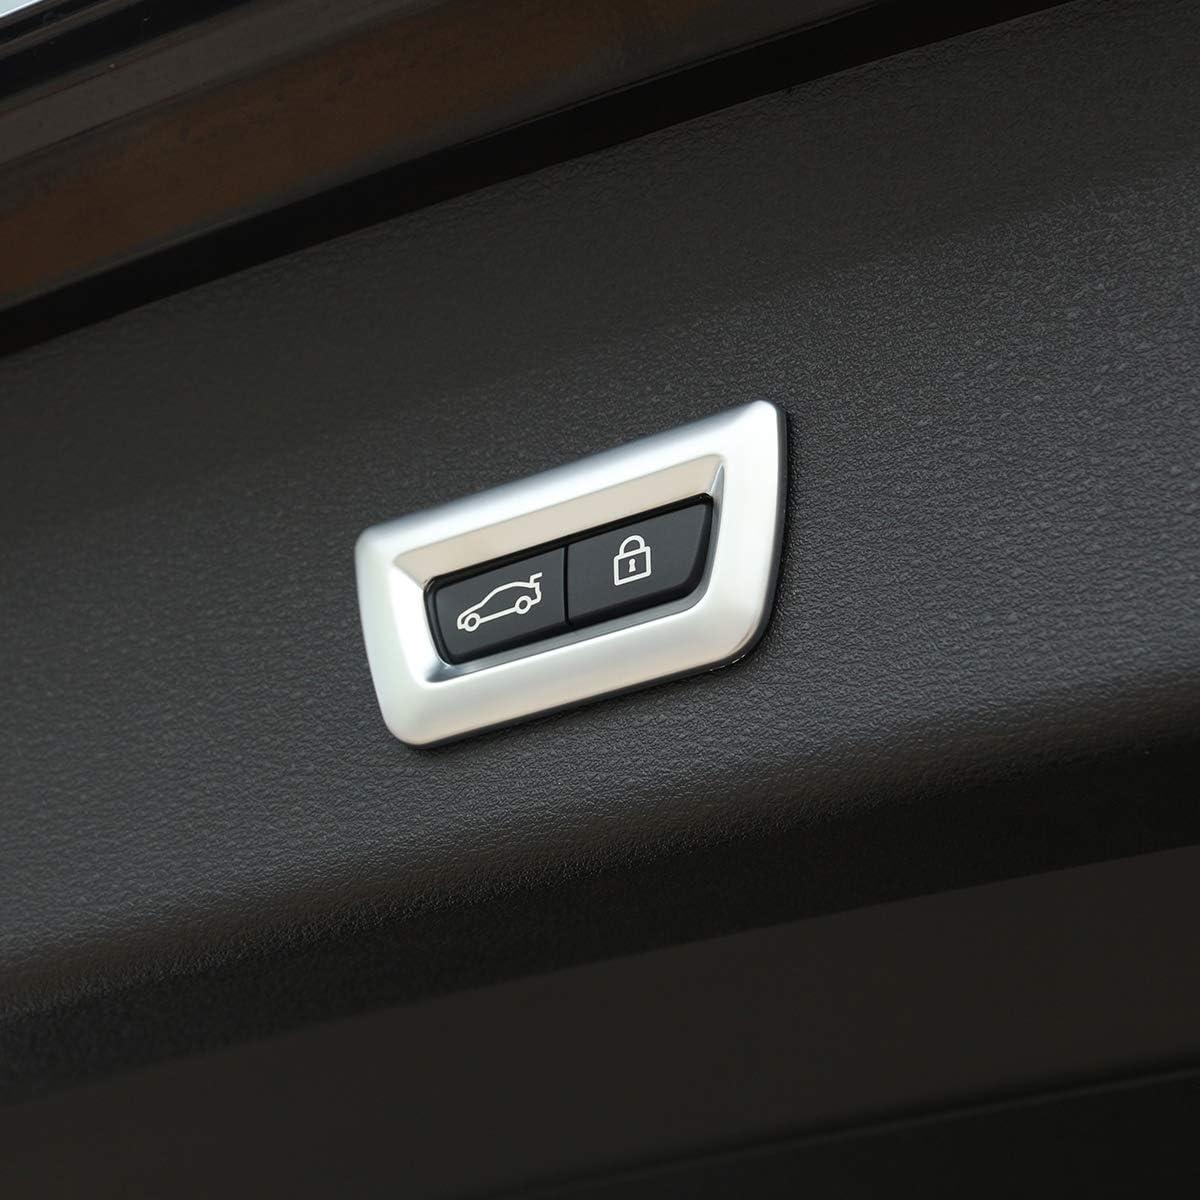 Cadre de commutateur /électrique de coffre en ABS chrom/é pour X1 F48 X3 F25 X4 F26 X5 F15 X6 F16 F30 GT 3 5 7 F10 F07